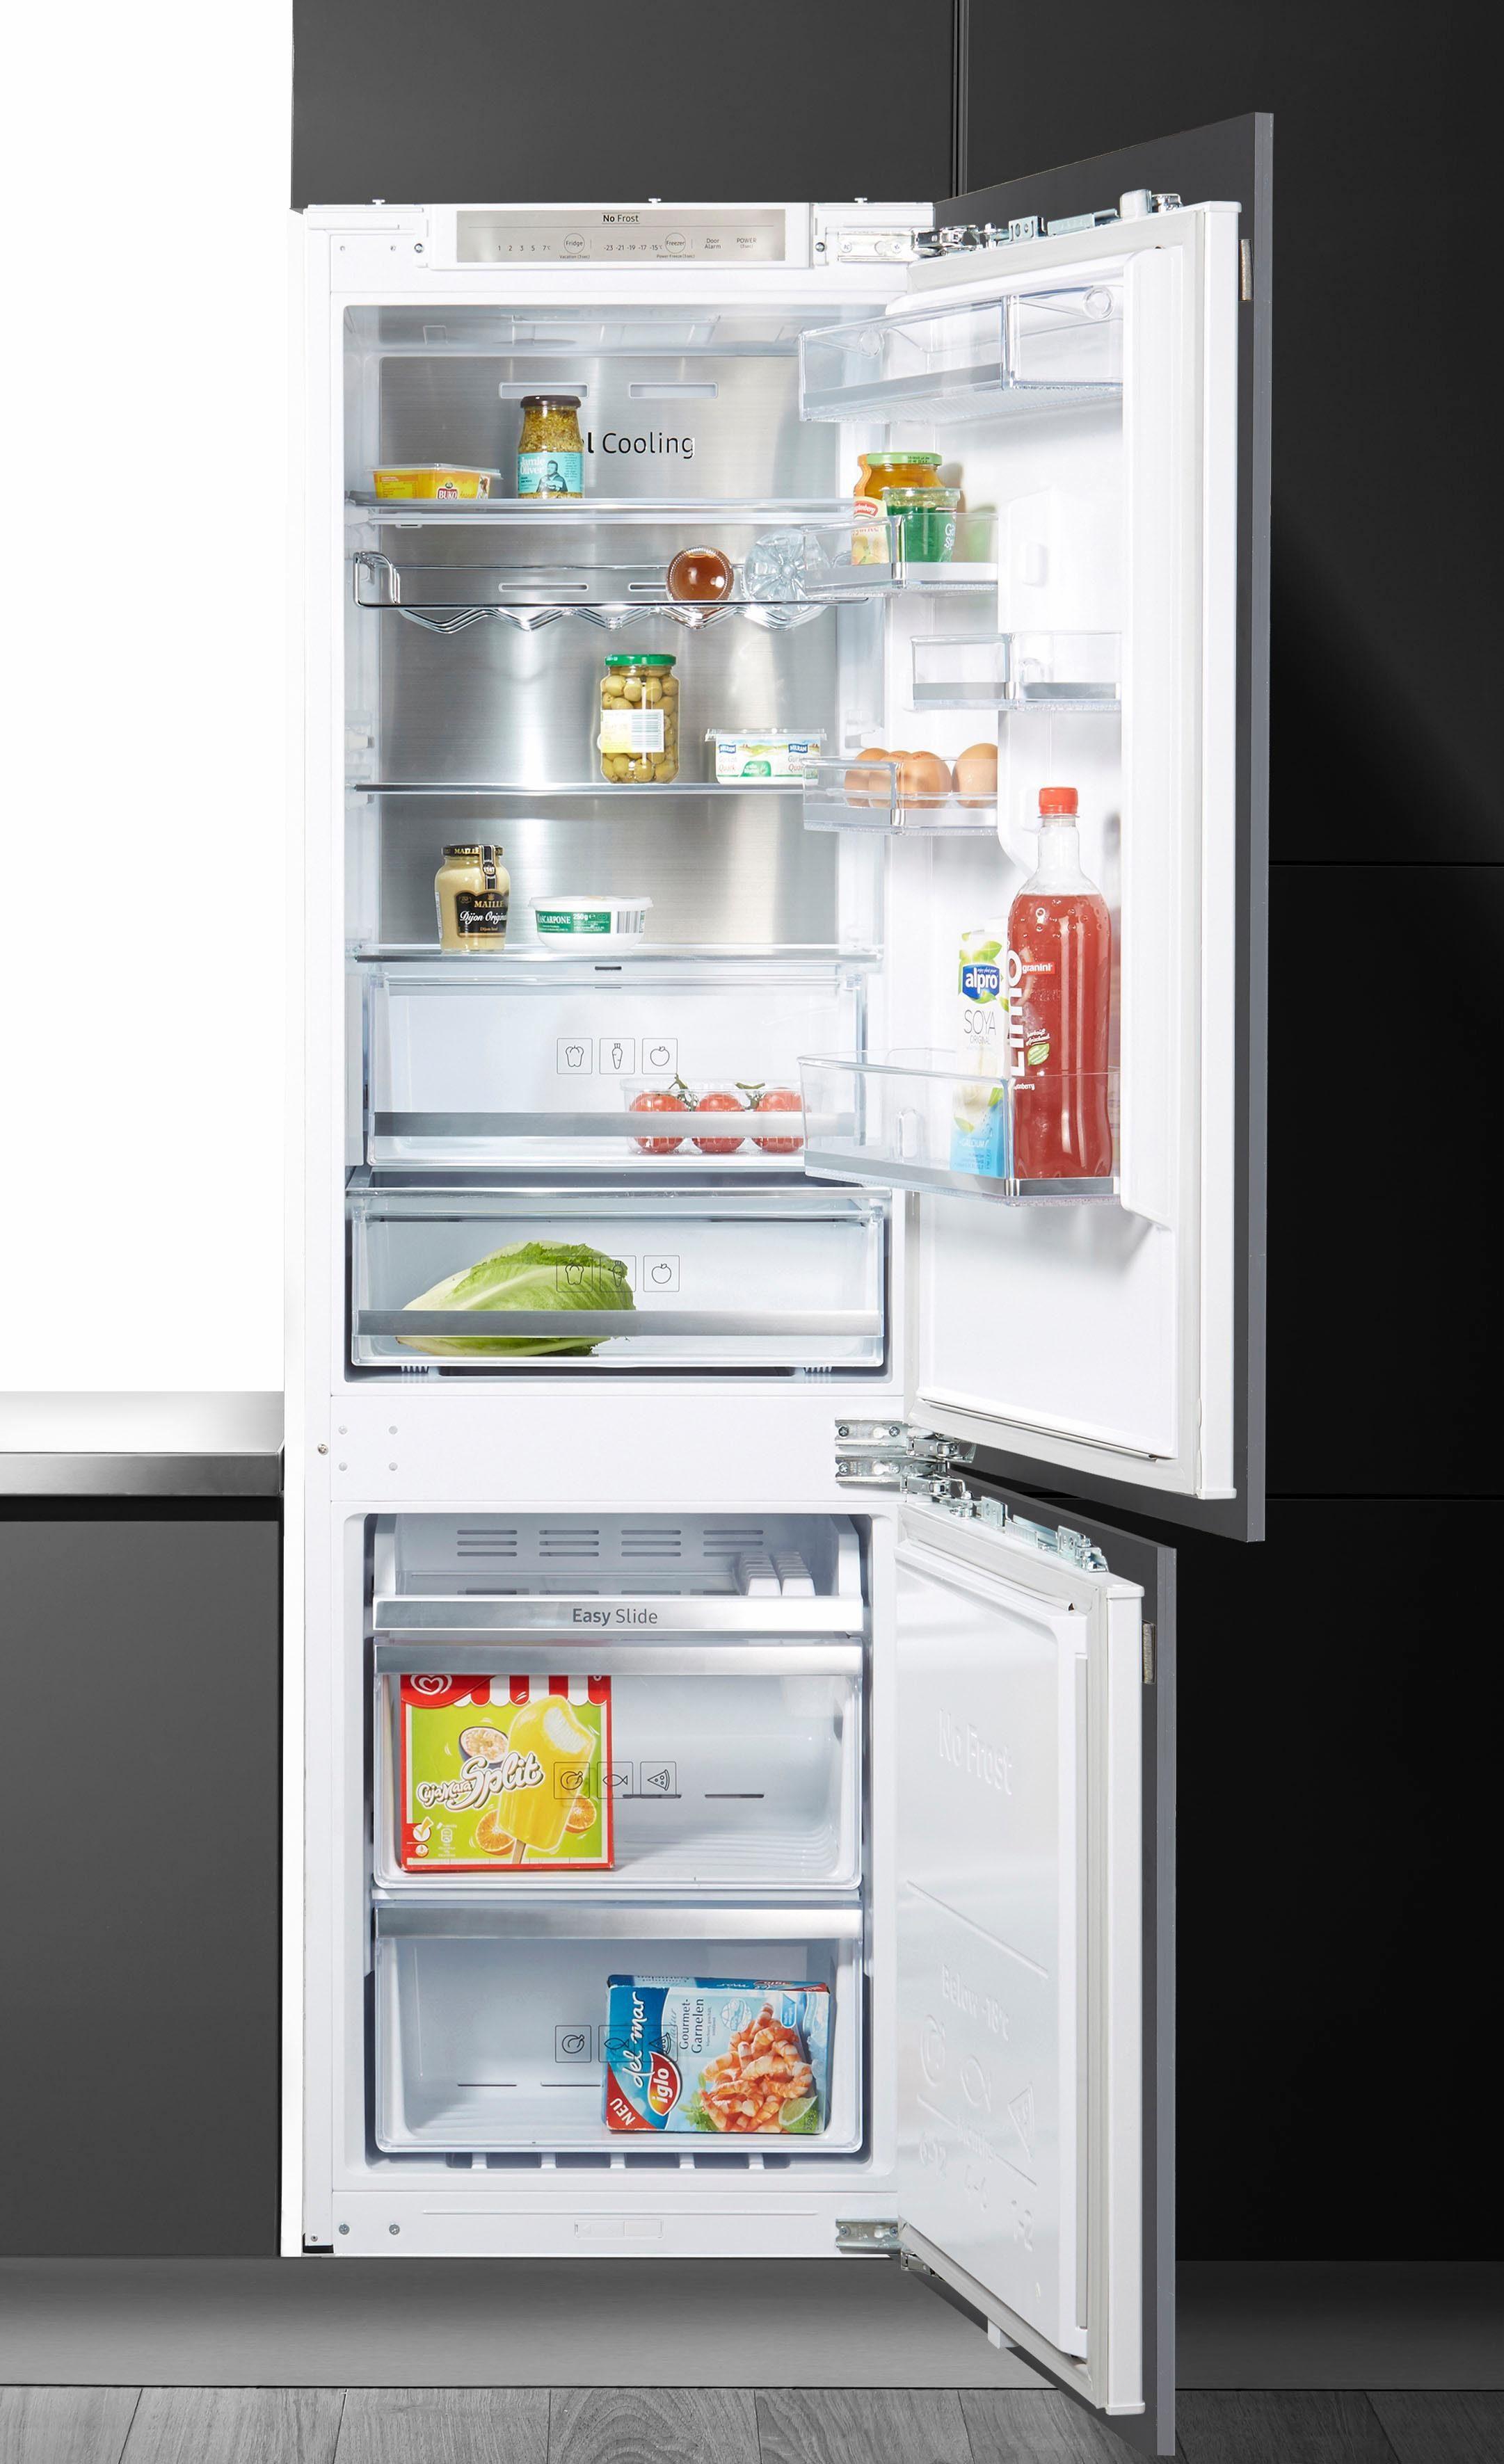 Samsung Einbaukühlgefrierkombination BRB260135WWEG, 177,5 cm hoch, 54,5 cm breit, Energieeffizienzklasse: A++